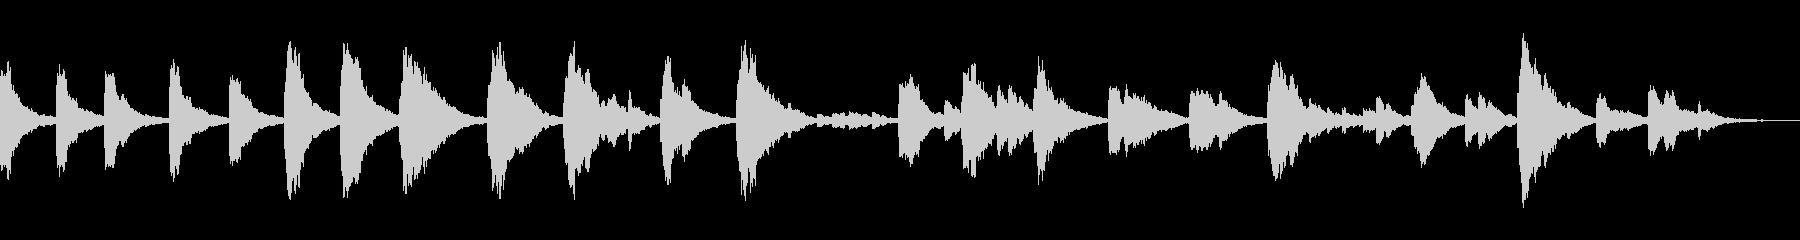 深めのリバーブ感のスローテンポソロピアノの未再生の波形